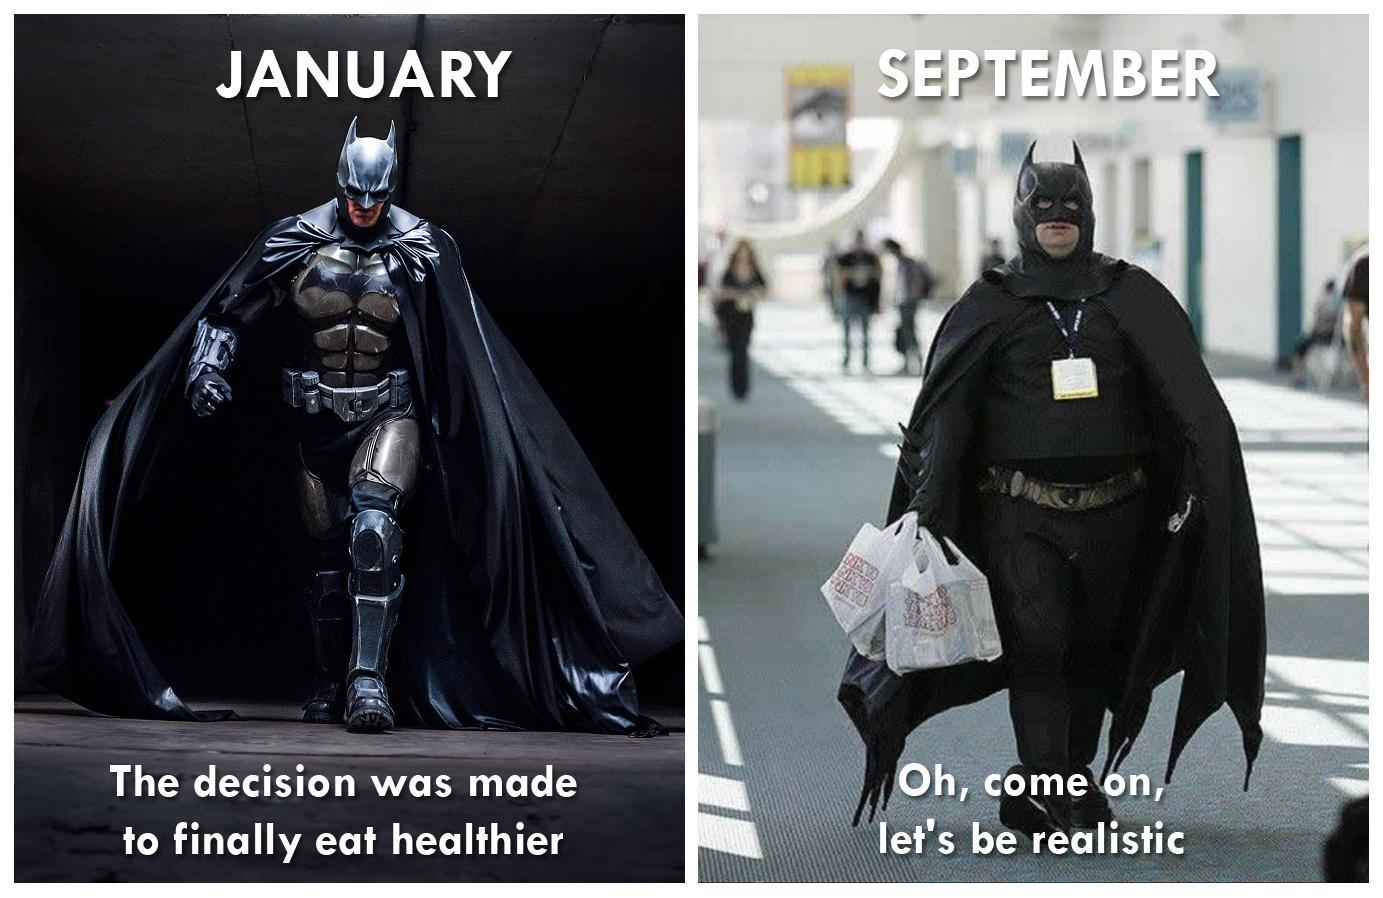 [Источник](https://www.reddit.com/r/memes/comments/9f7cxm/new_years_resolutions/) (вторая половина января была бы реалистичнее)